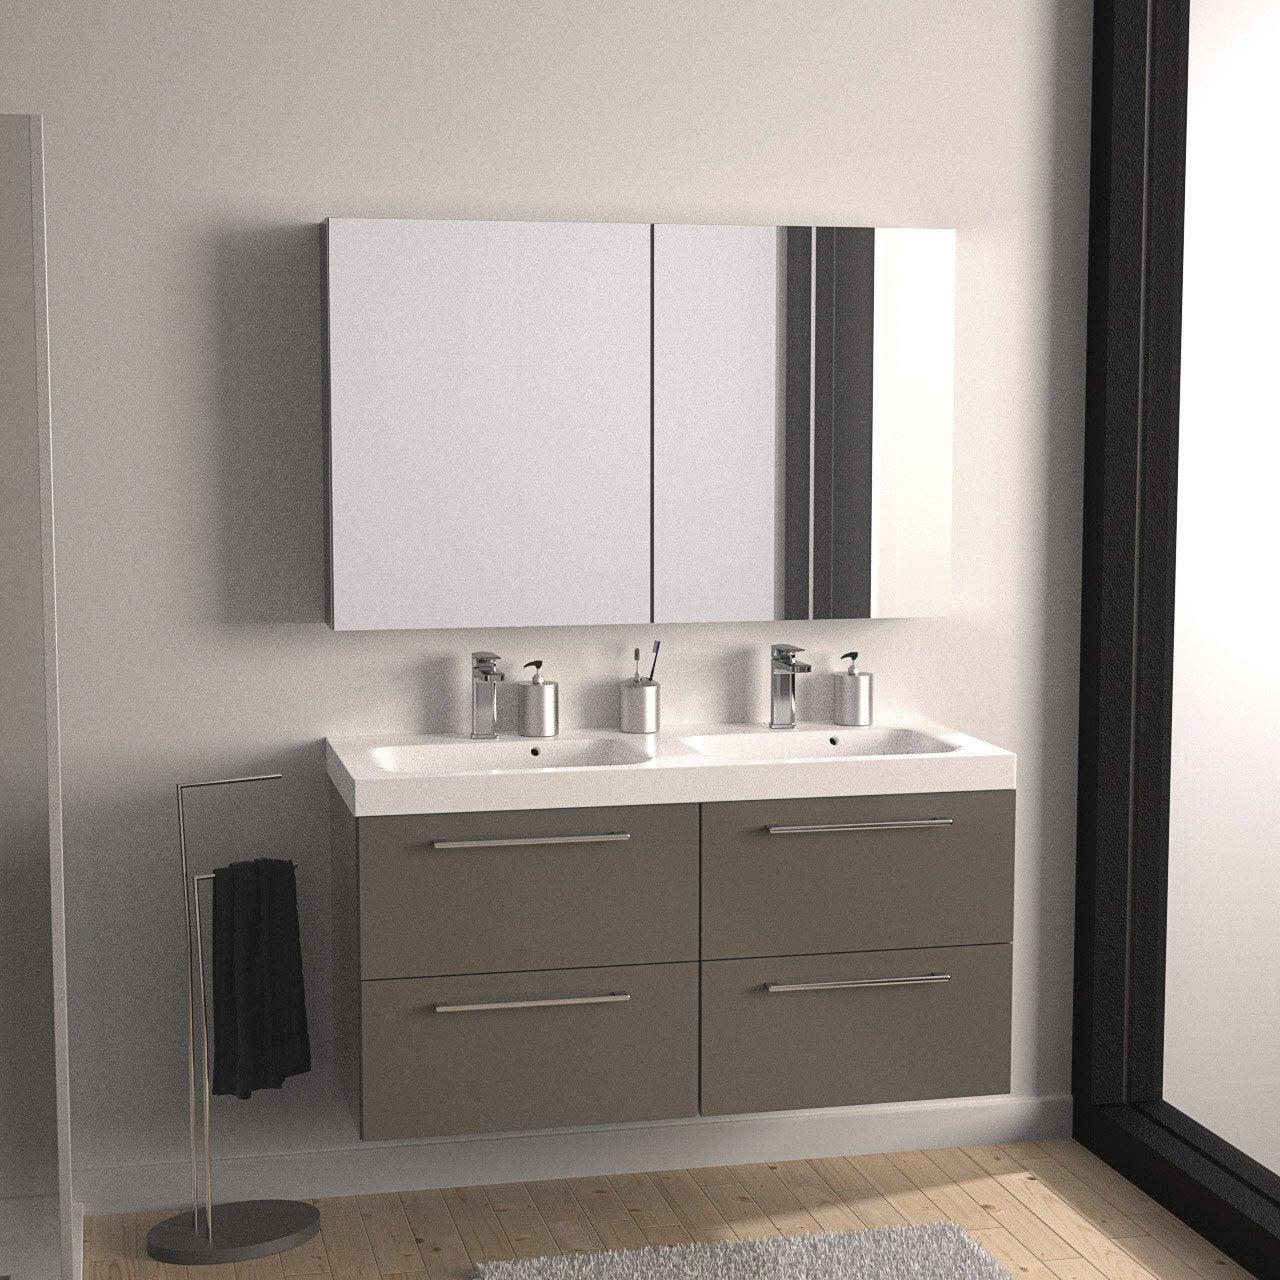 meuble salle de bain remix taupe